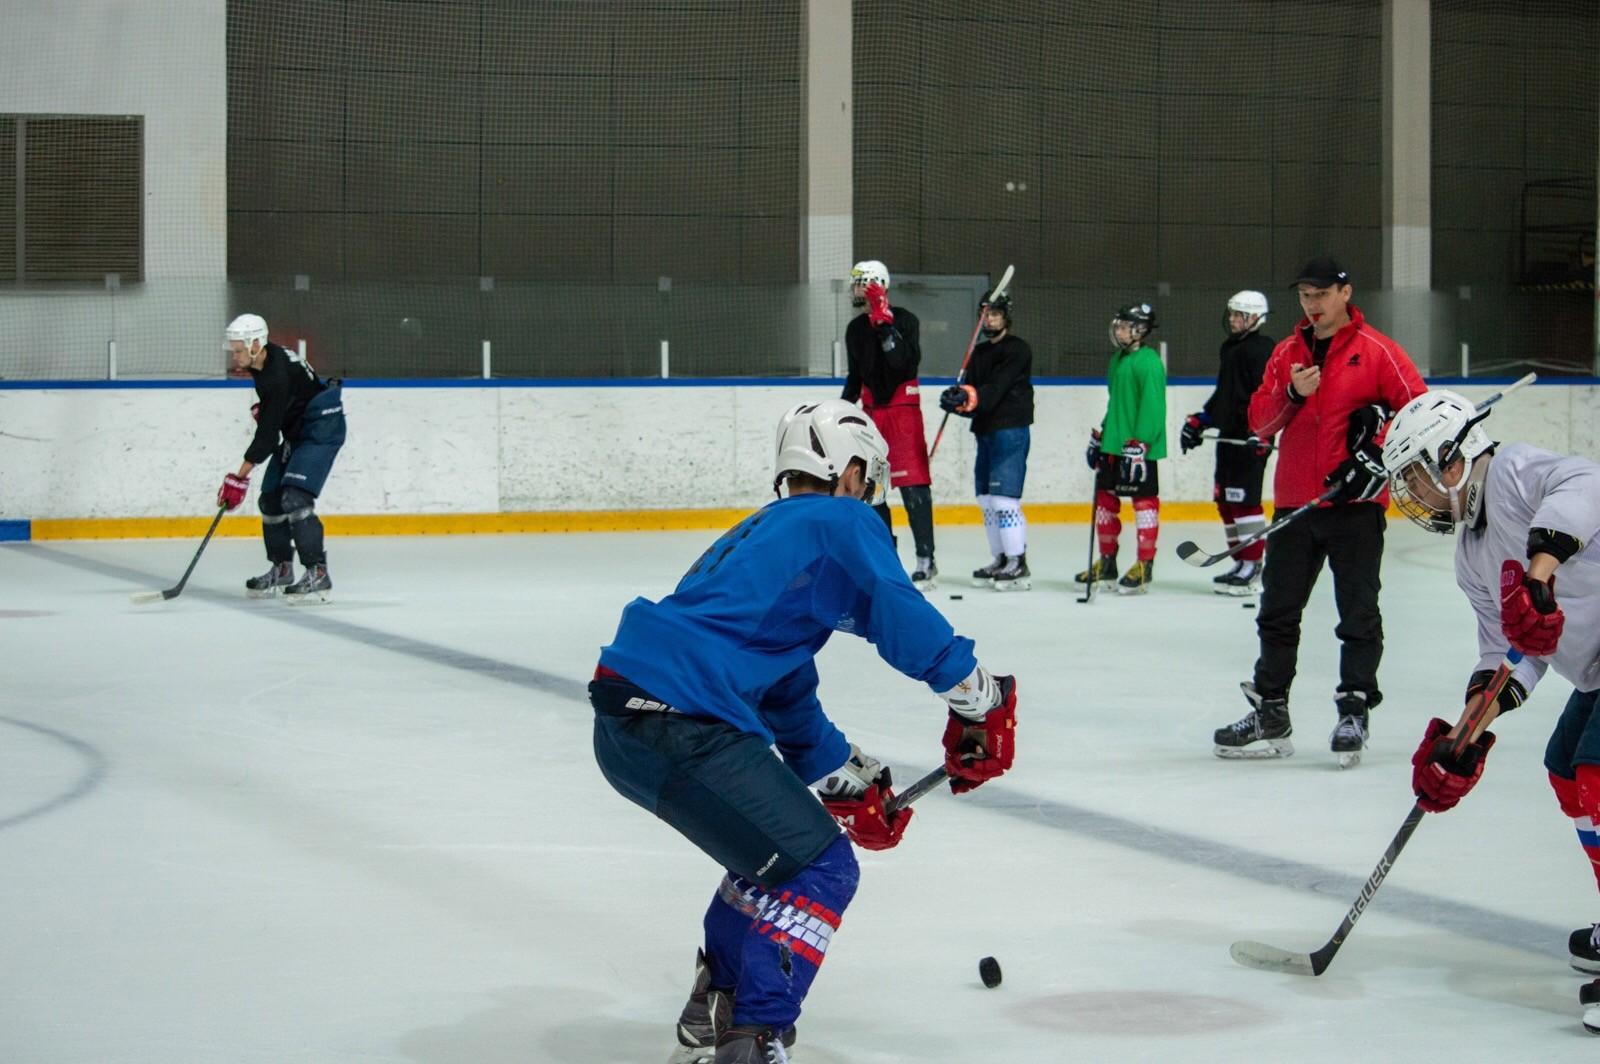 Вакансии в пинском хоккее есть, но давно заняты